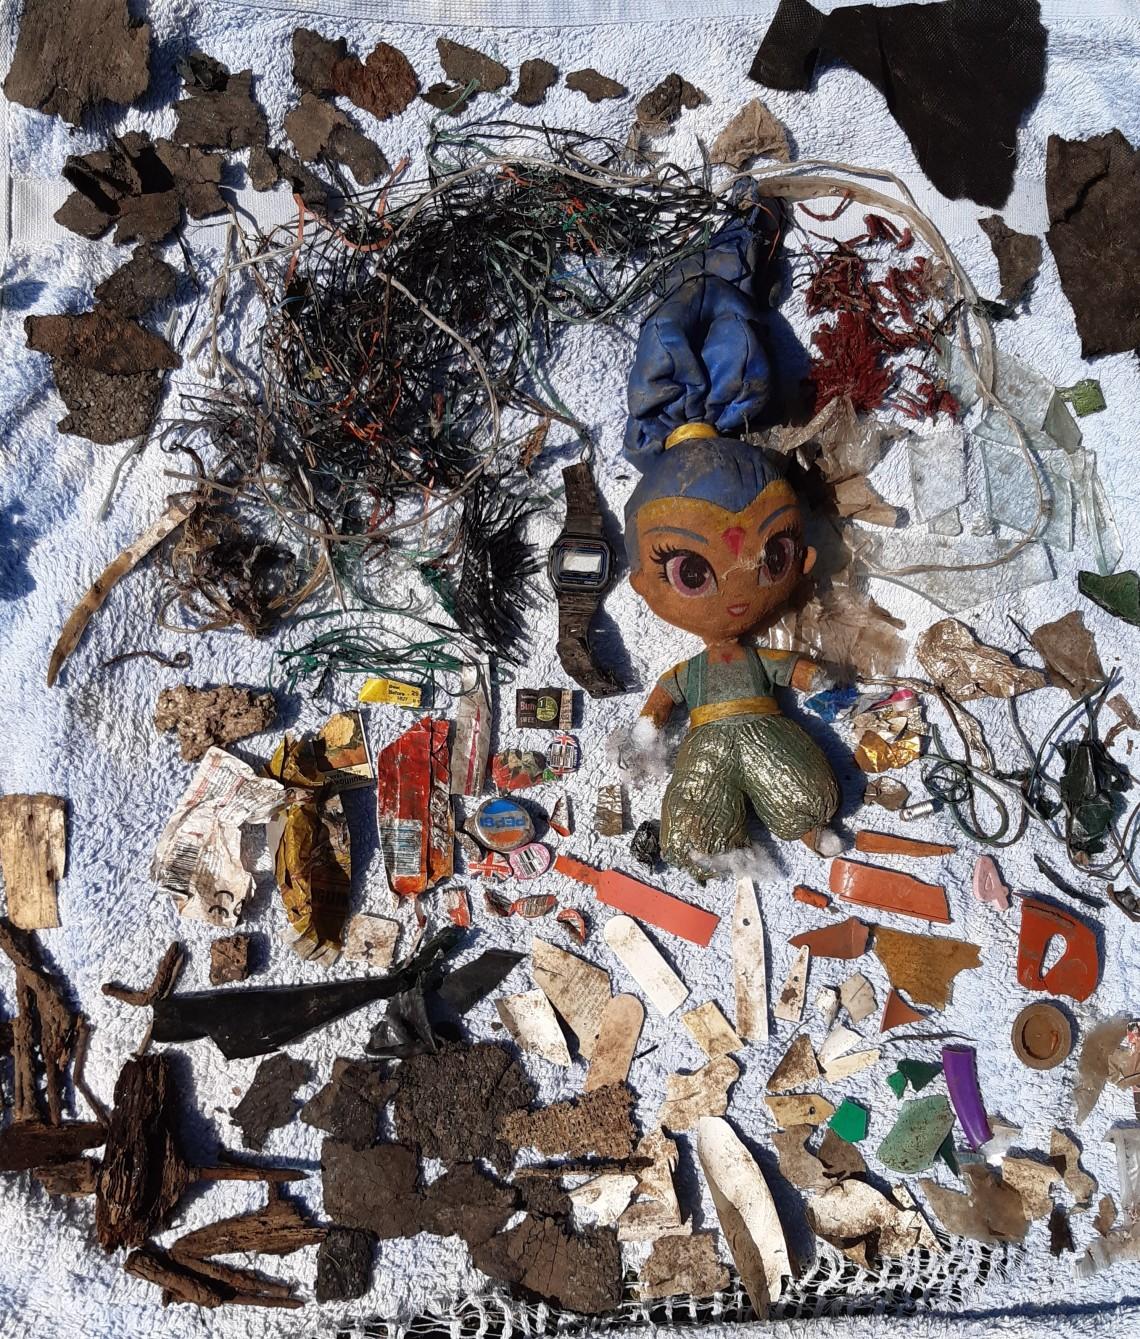 Brishba and her rubbish environment